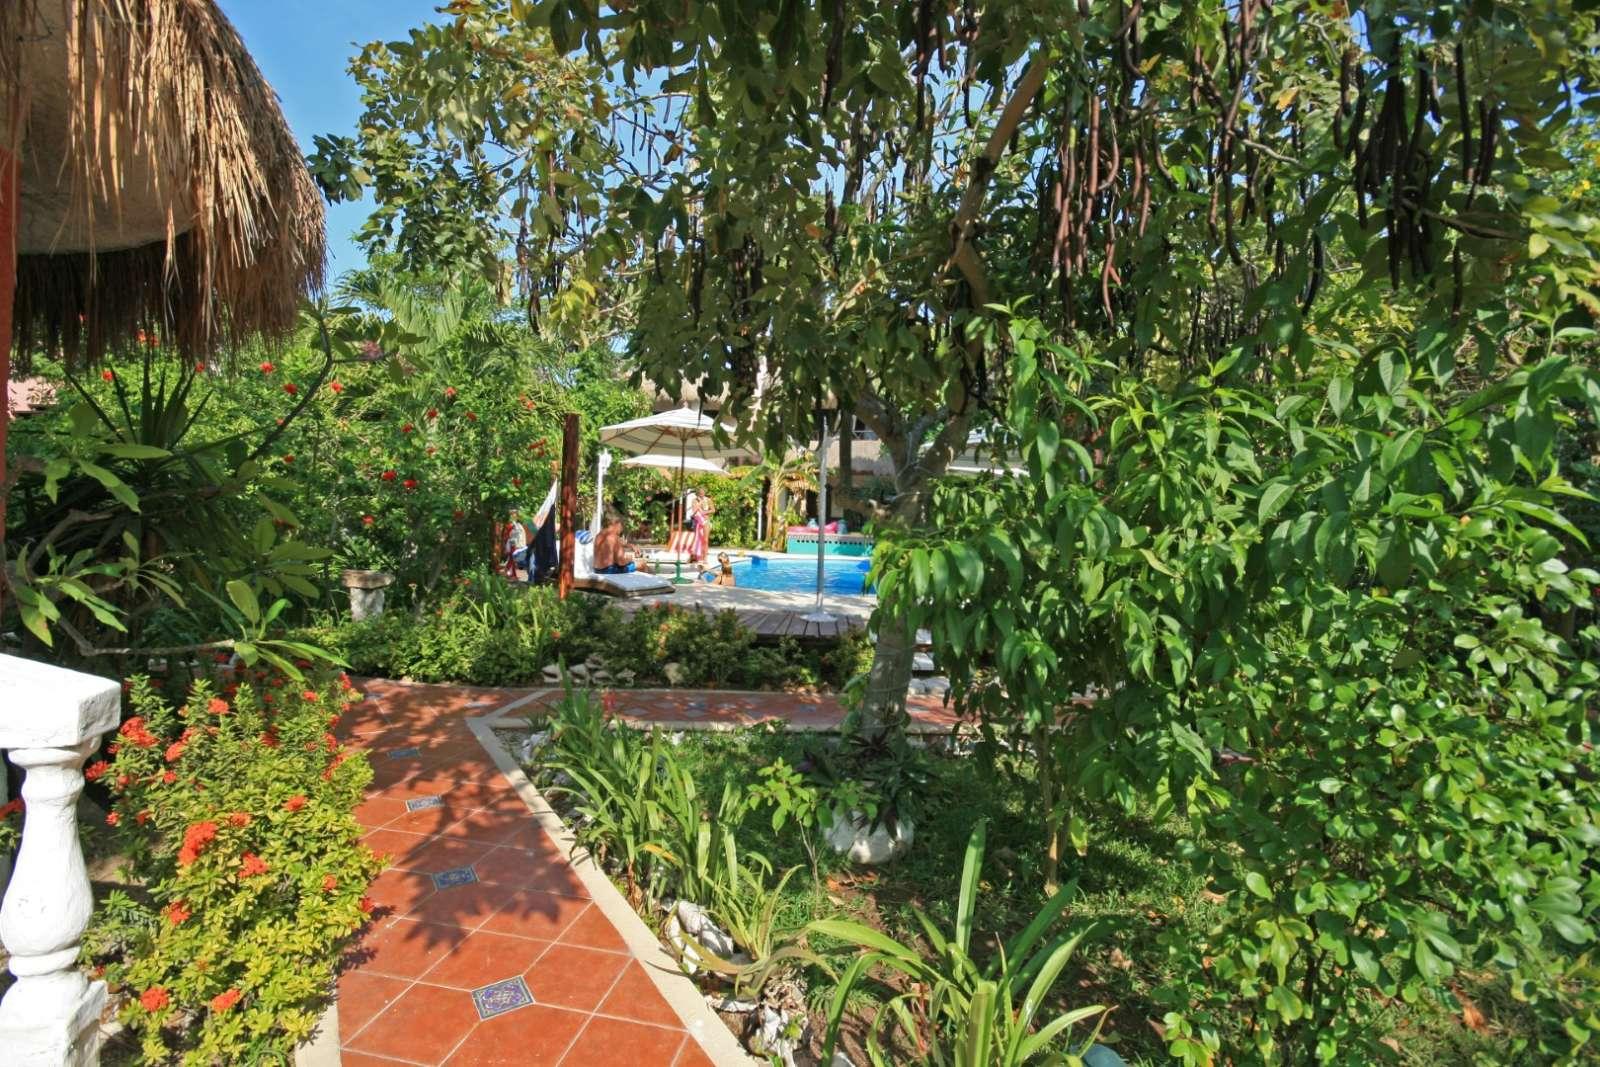 Gardens and pool at Cabanas Maria Del Mar, Isla Mujeres